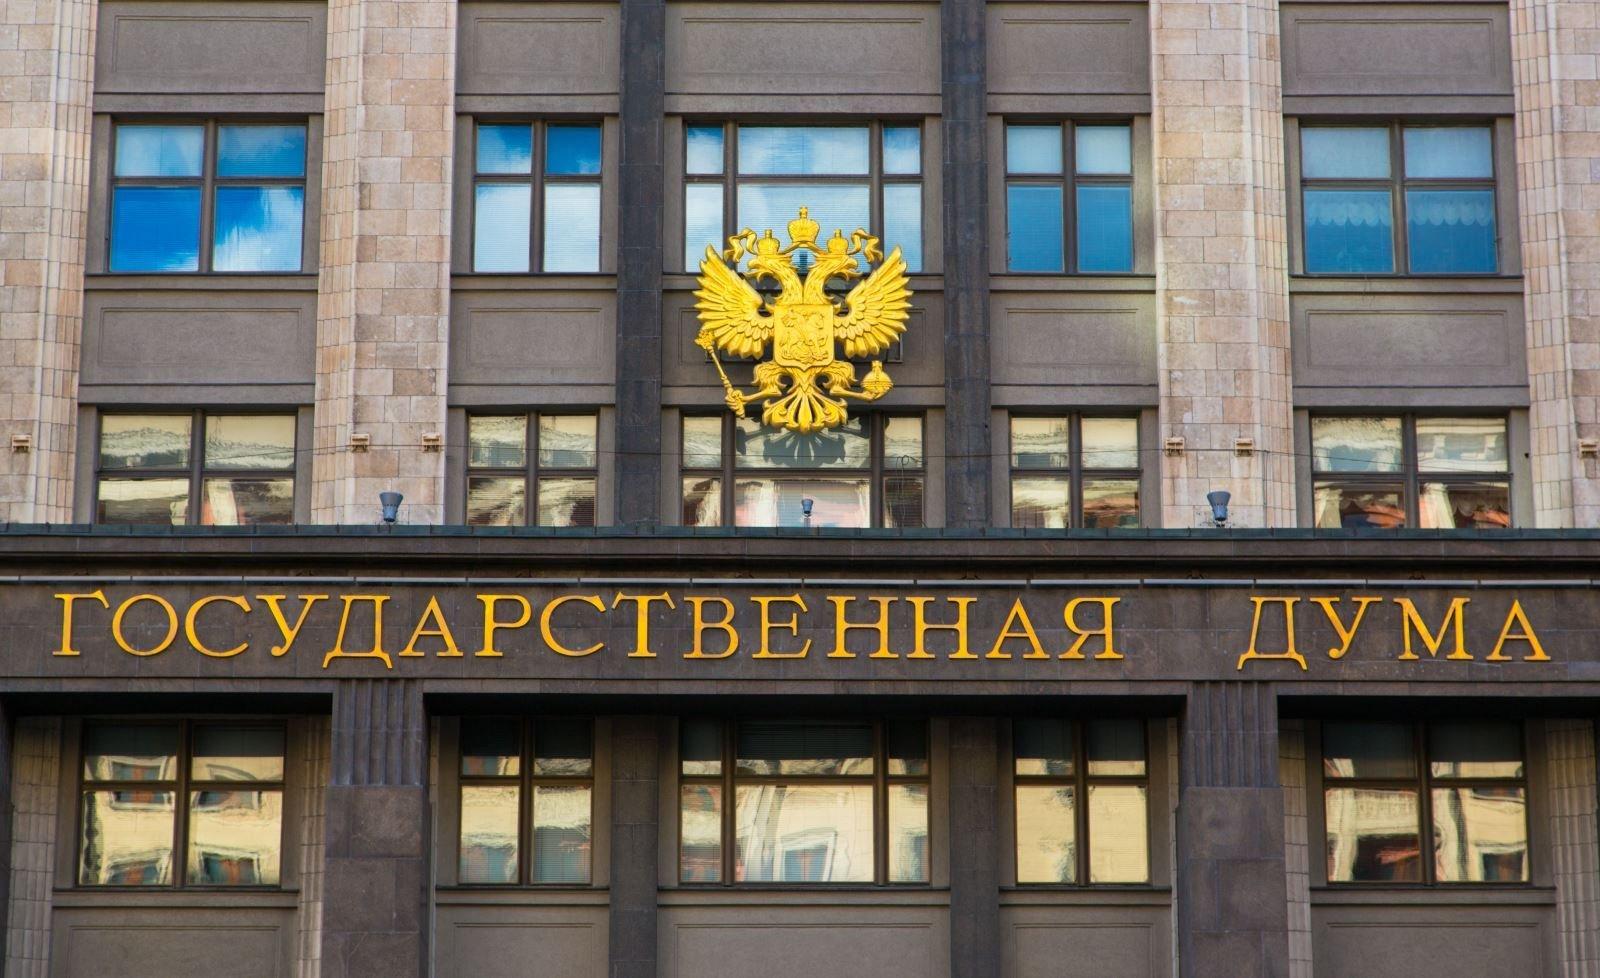 2. bryansk.ldpr.ru